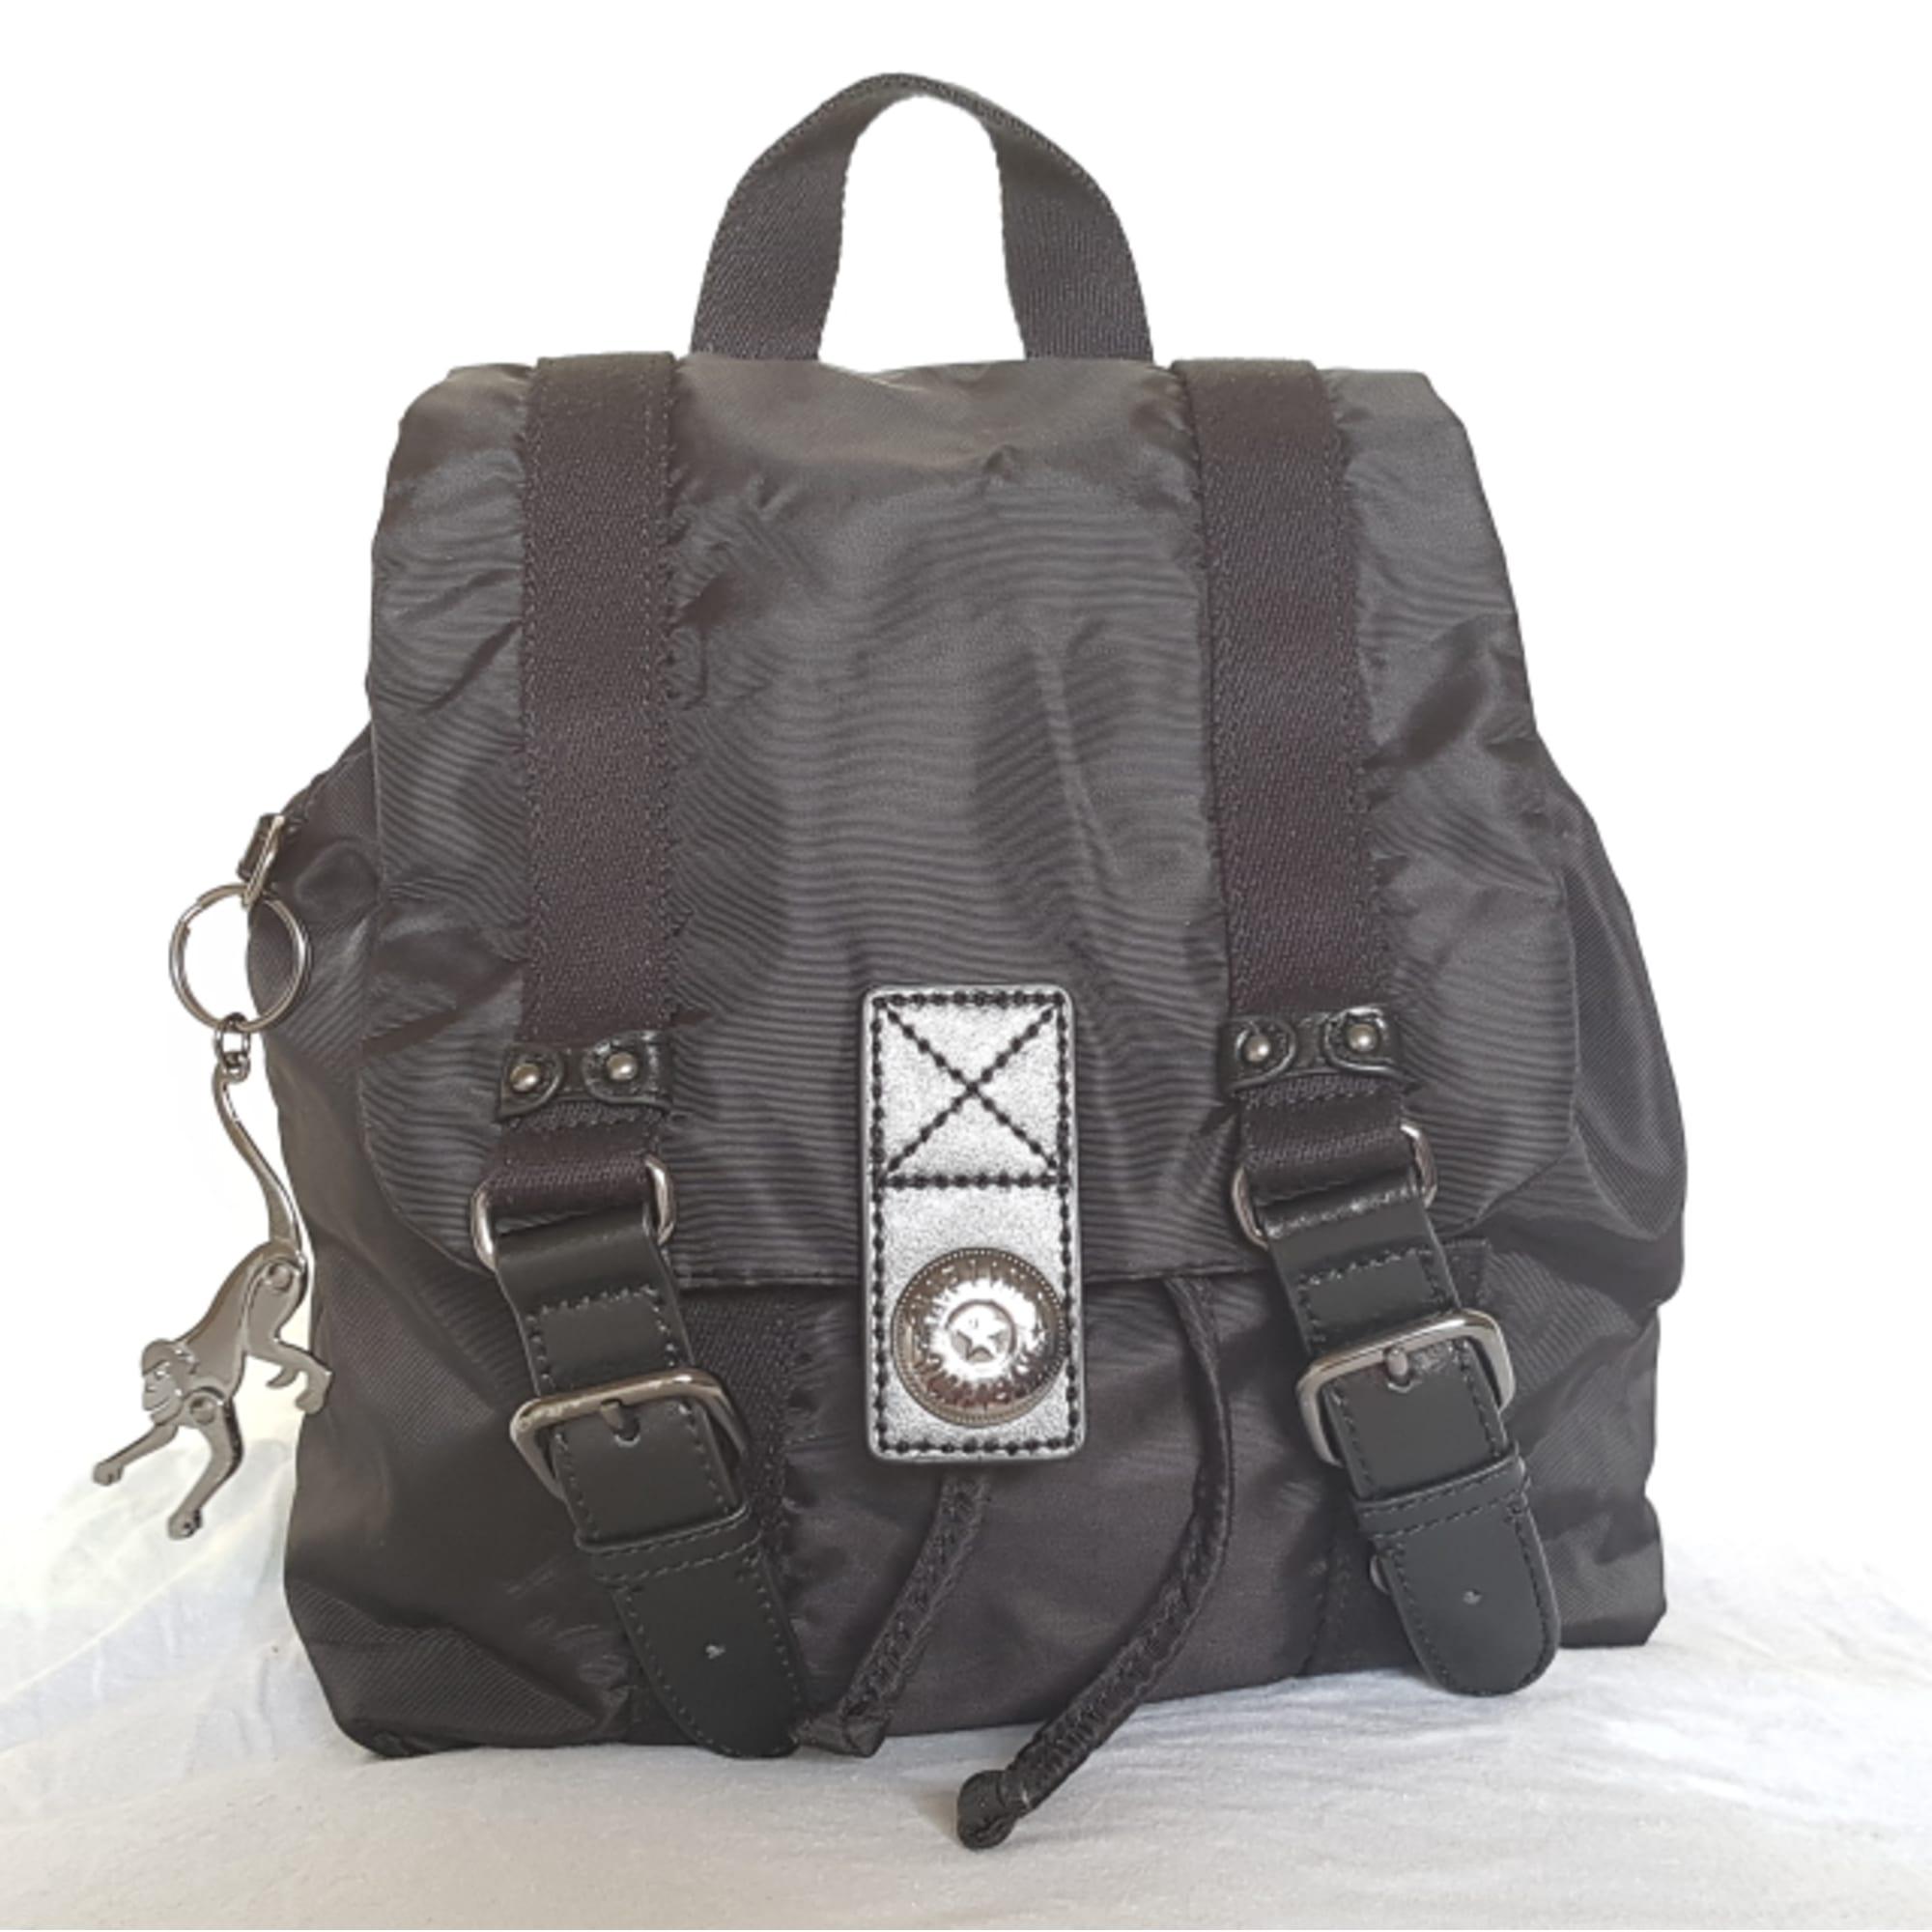 b52a32738a66 Sac à dos KIPLING noir vendu par Makk44 - 6486935